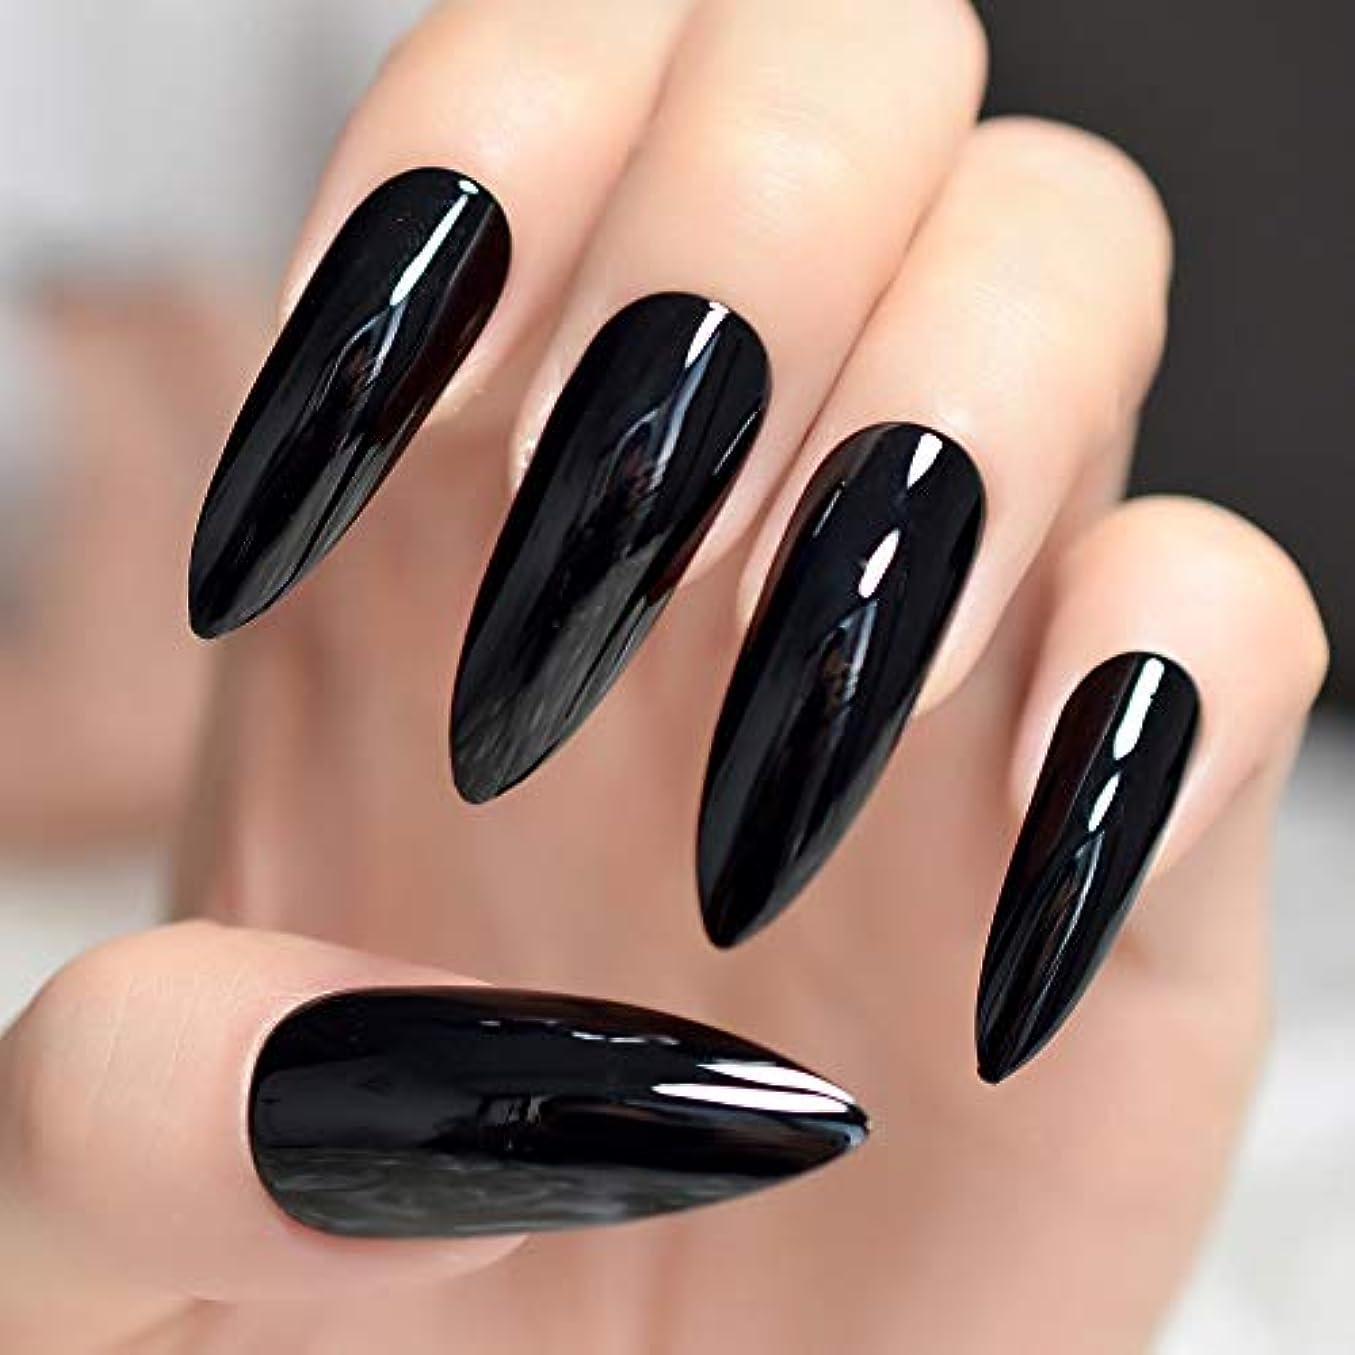 社交的プレートぴかぴかXUTXZKA 黒い長い爪24爪の完全なセットを爪に仕上げました